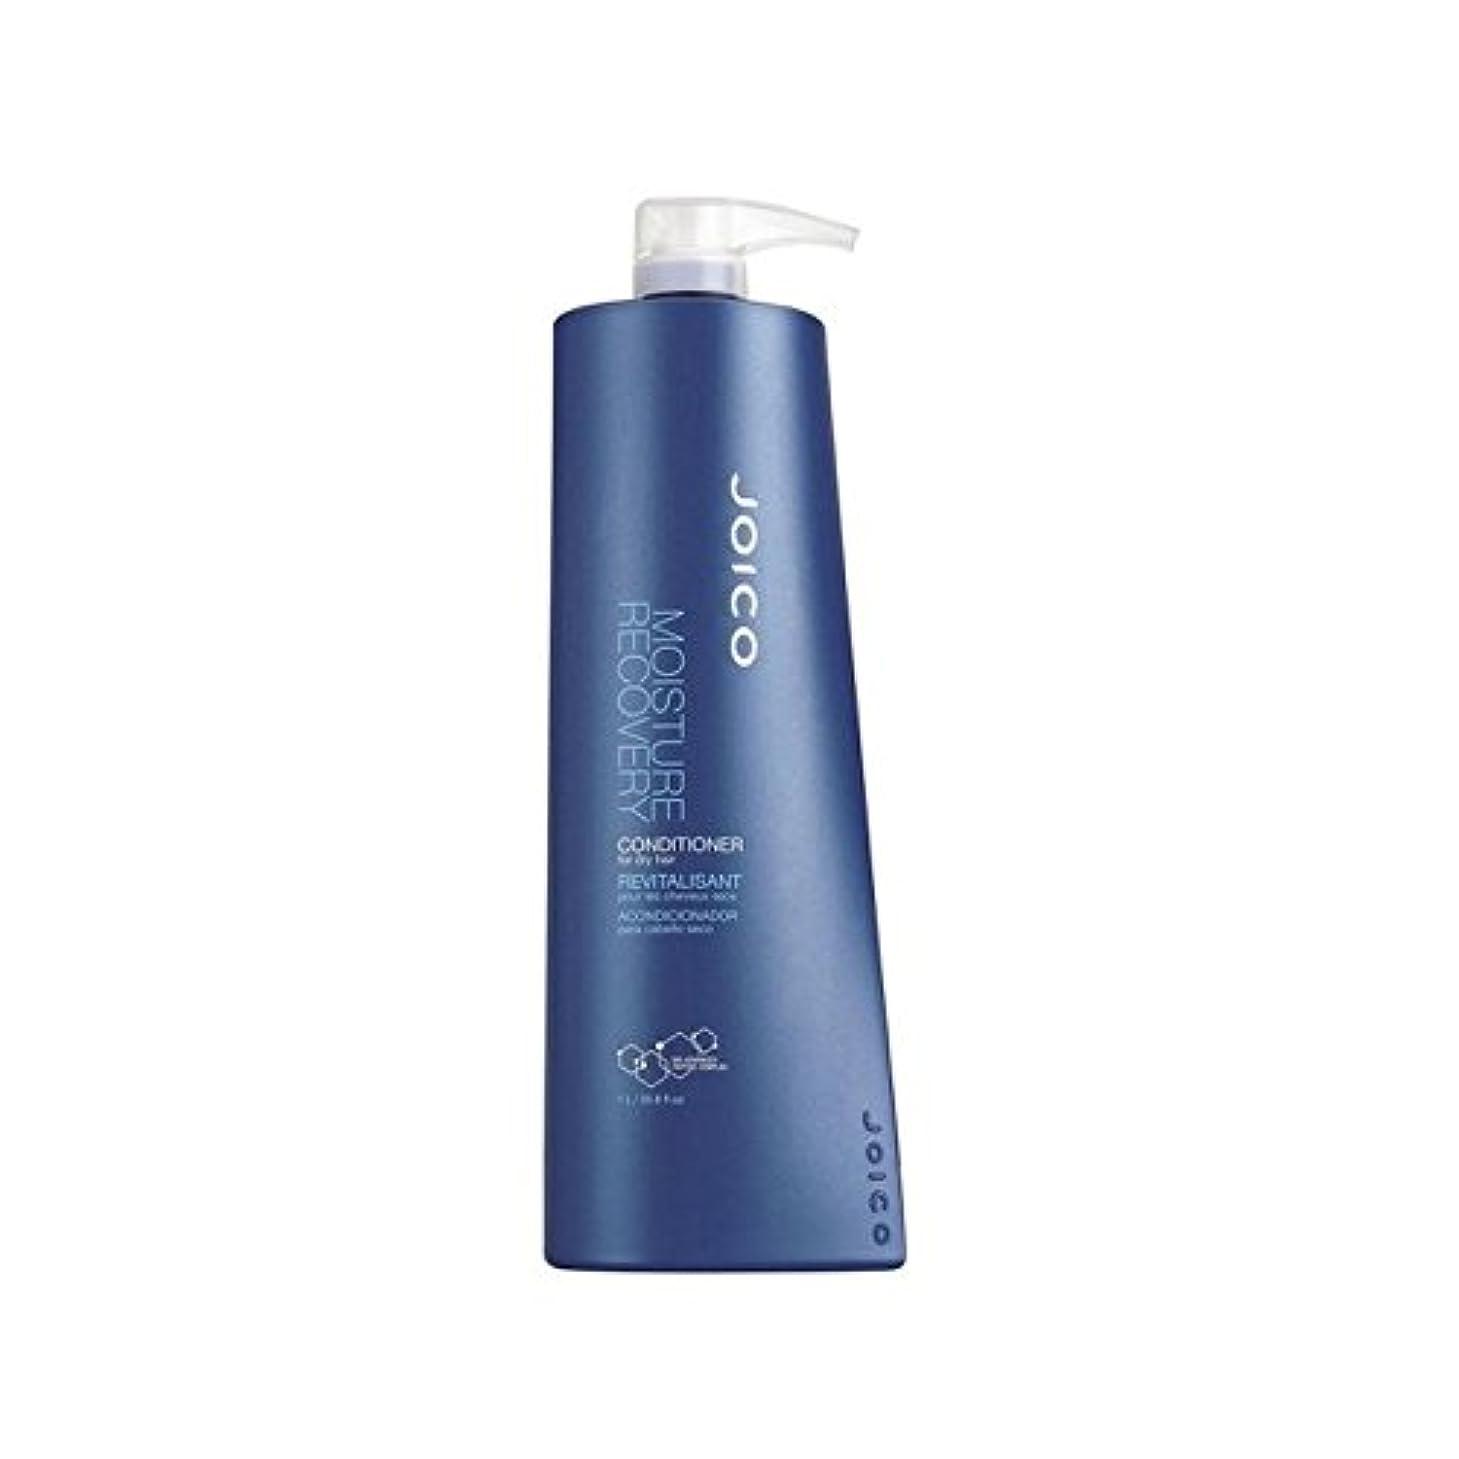 侵入する養うキャプチャー乾いた髪用ジョイコ水分回復コンディショナー(千ミリリットル) x4 - Joico Moisture Recovery Conditioner For Dry Hair (1000ml) (Pack of 4) [並行輸入品]